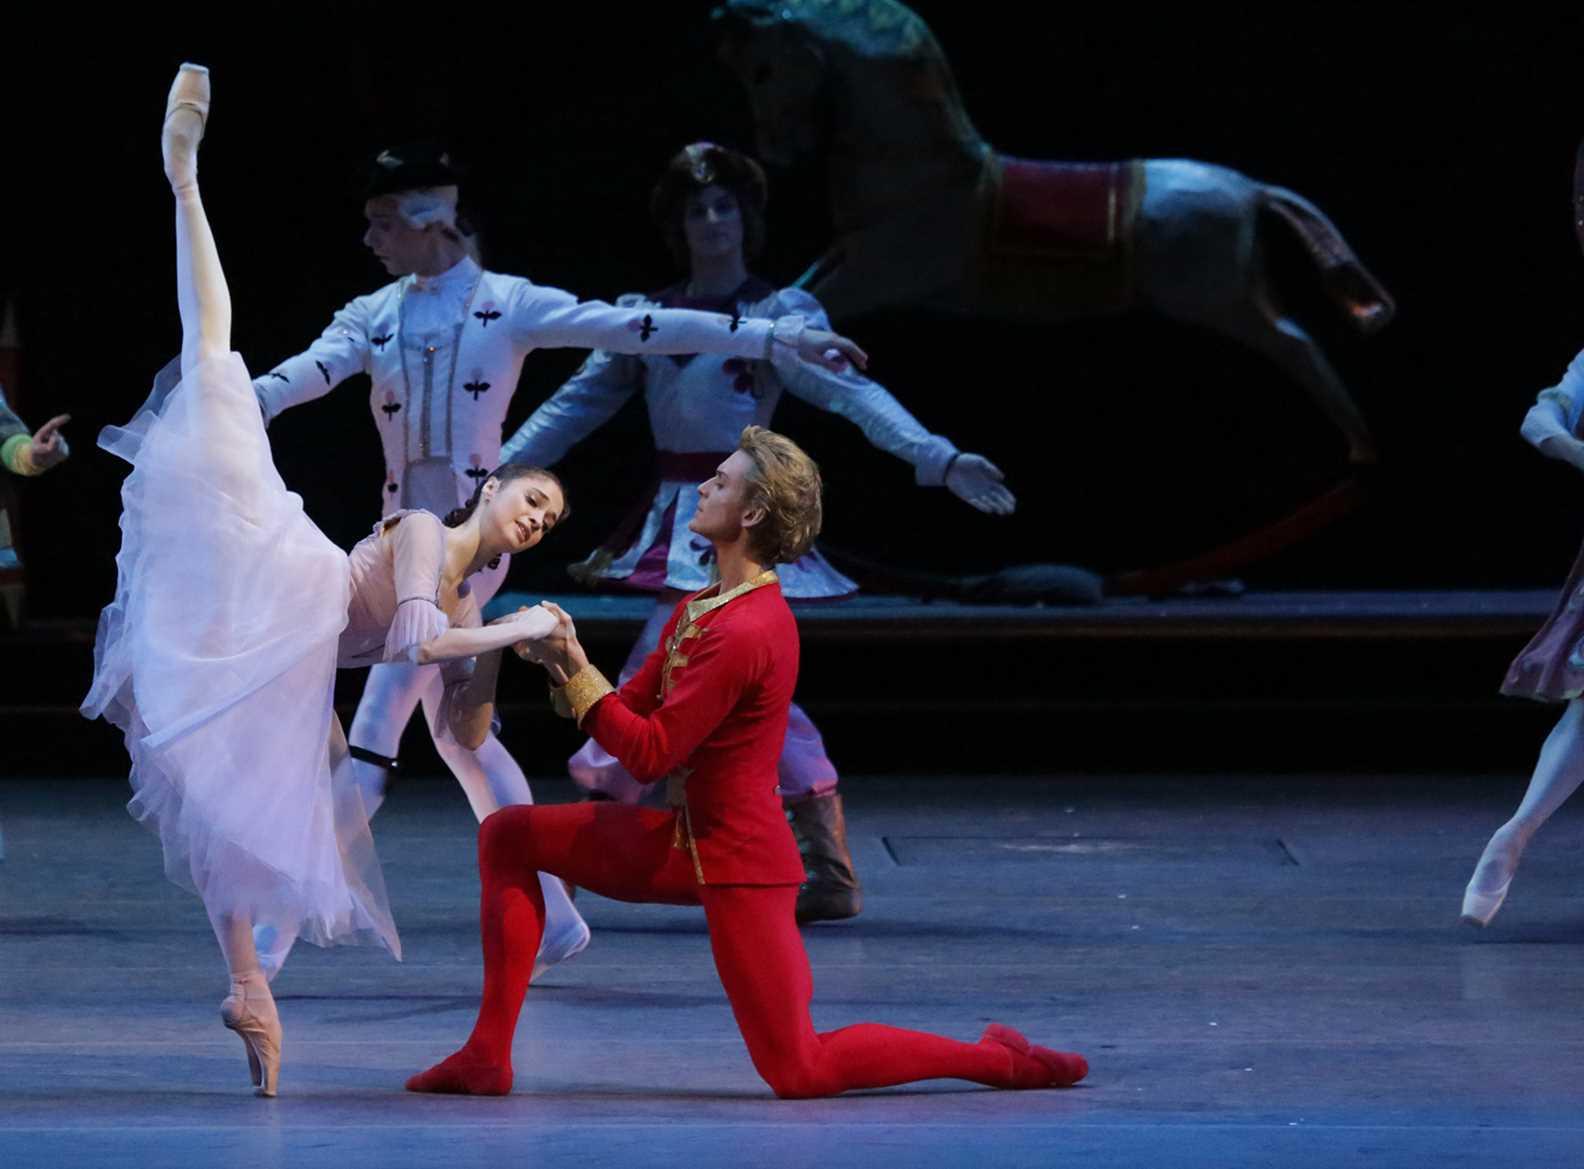 Bolshoi Ballet The Nutcracker Live Book Tickets At Vue Cinemas